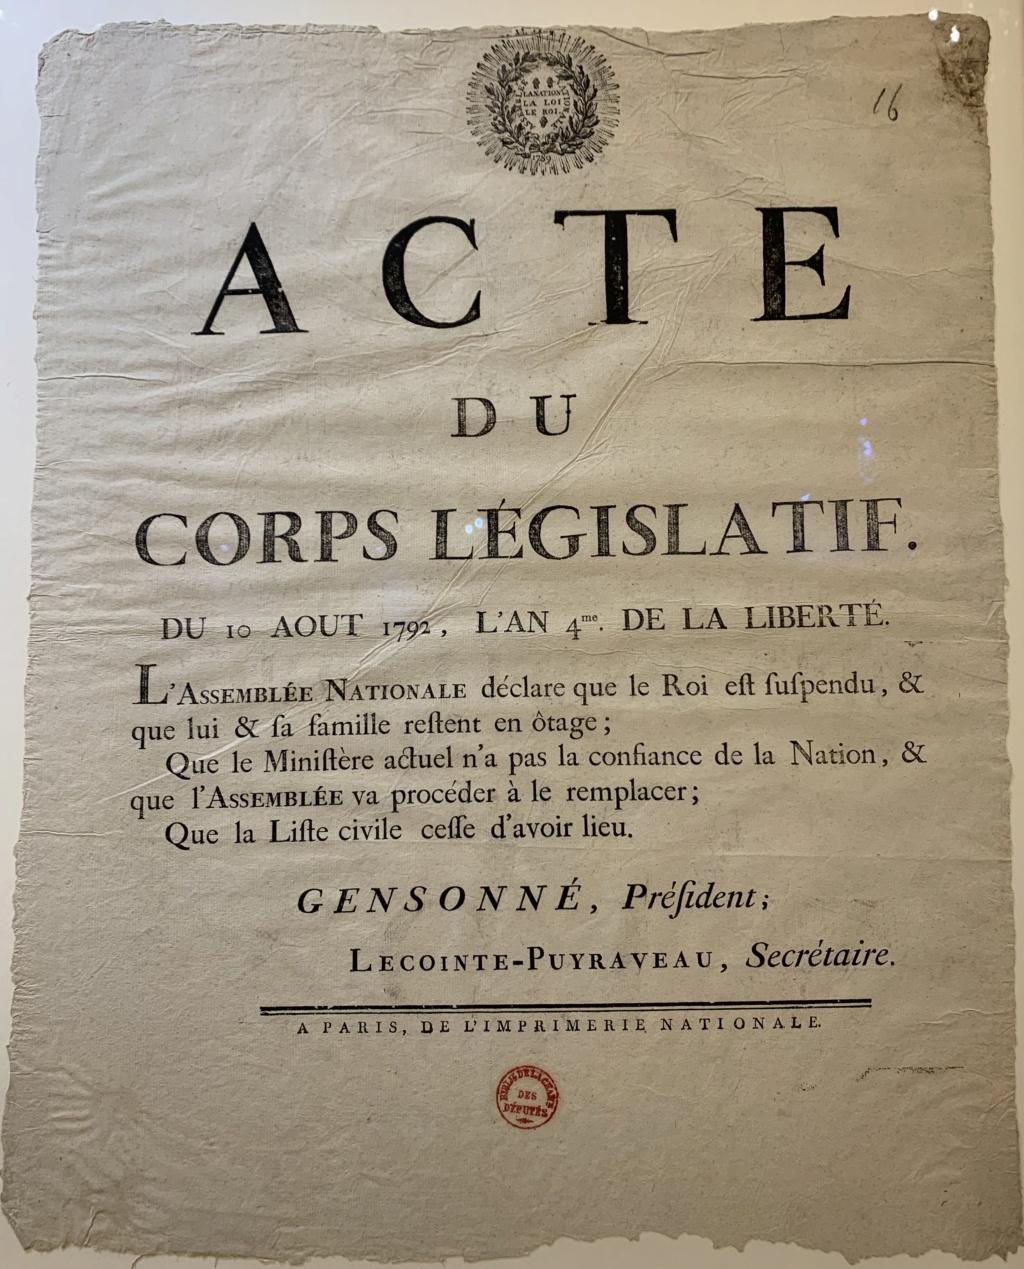 Le 10 août 1792, la prise des Tuileries - Page 3 Ff0fb110